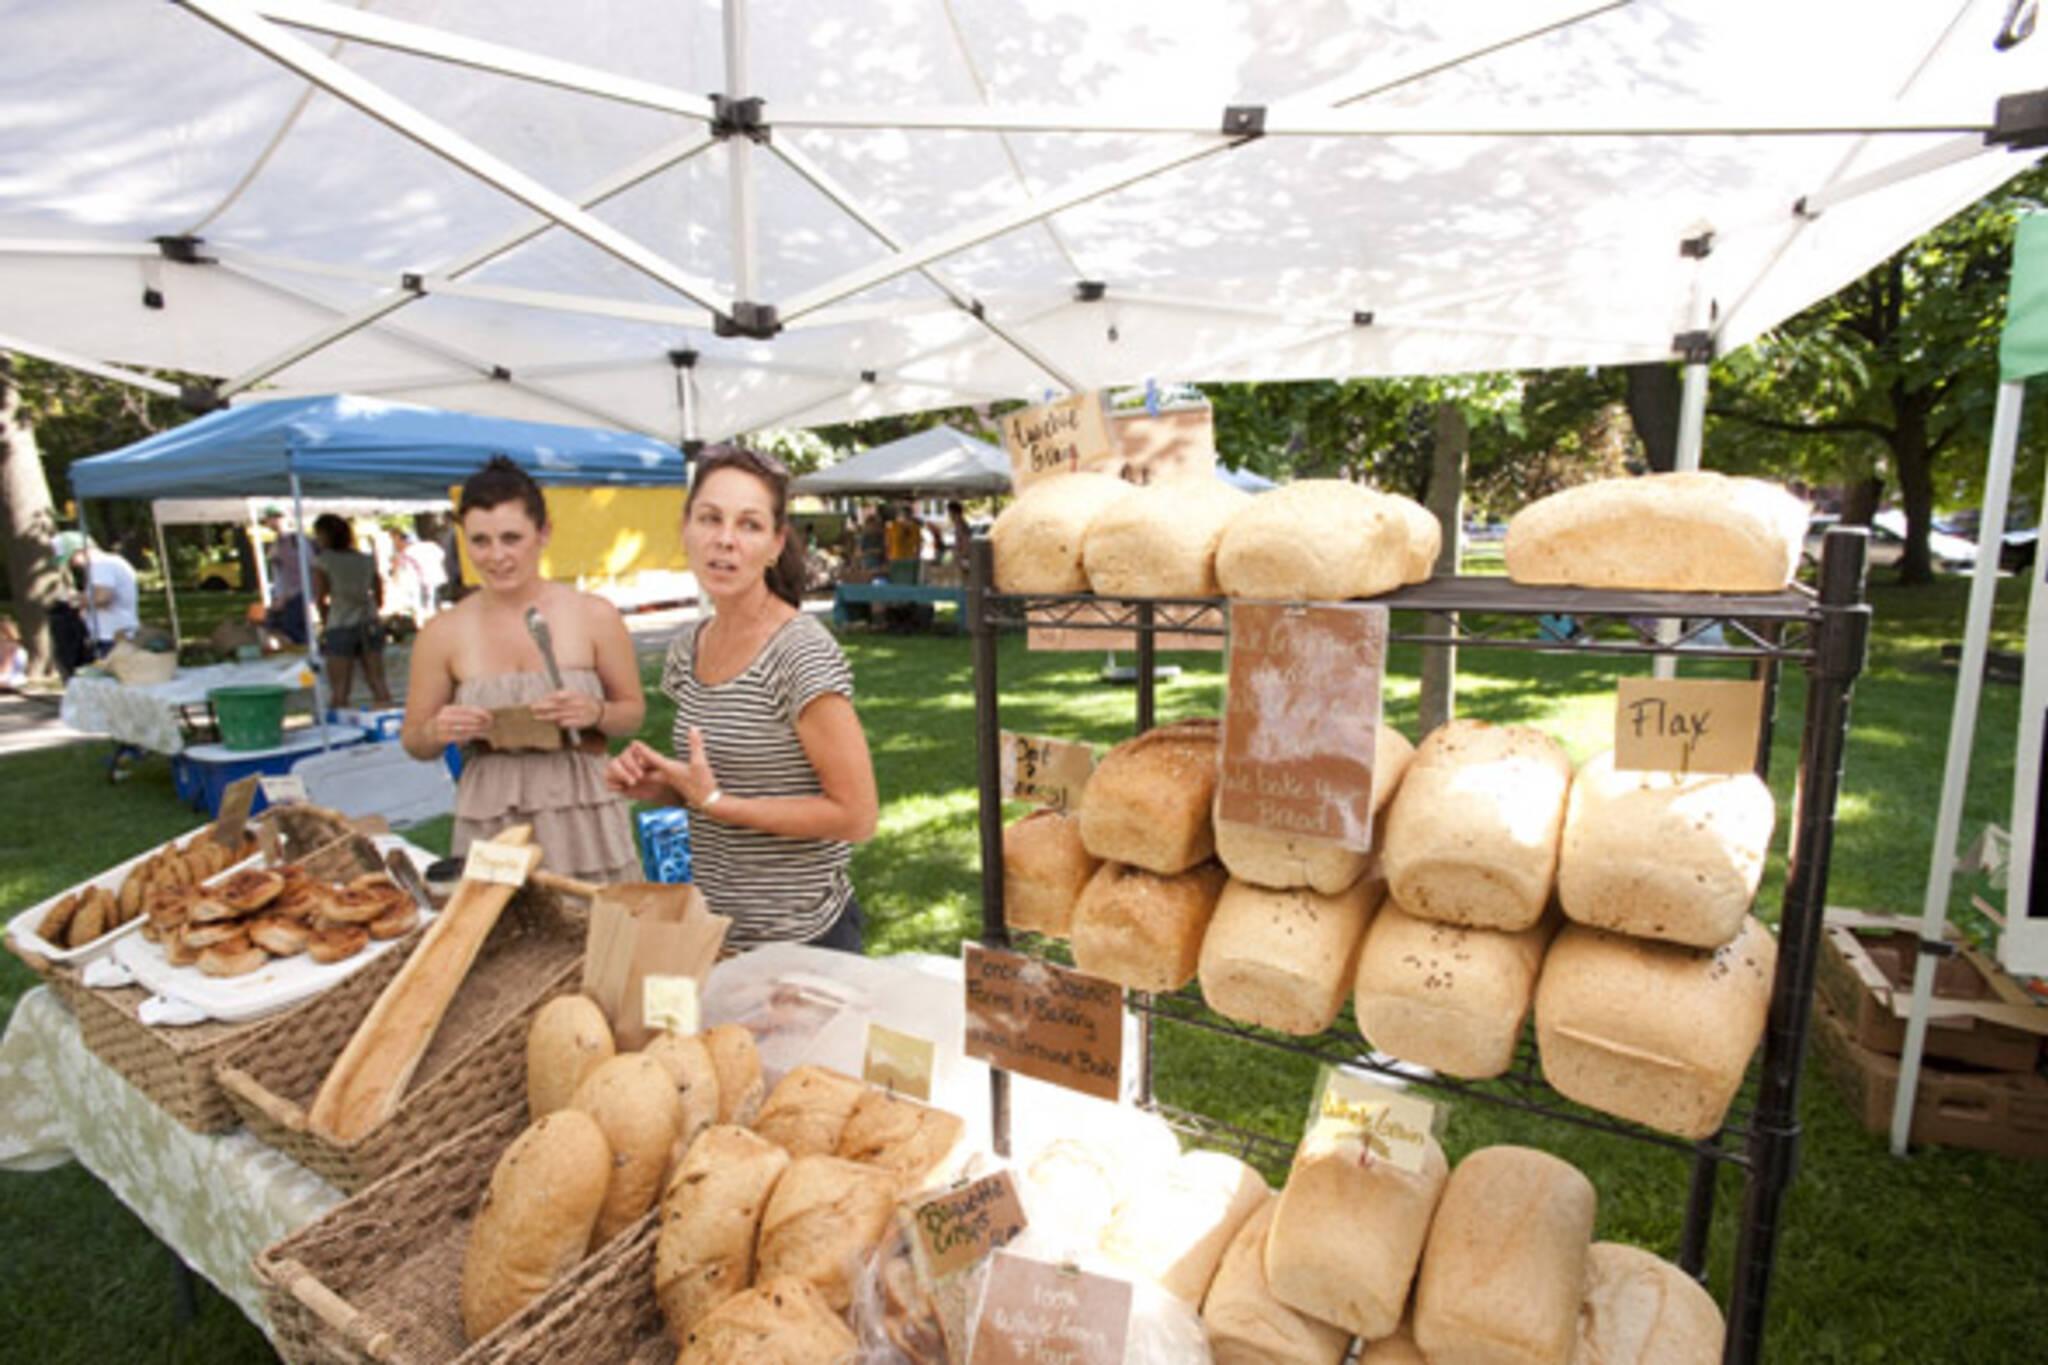 Trinity Bellwoods Farmers Market